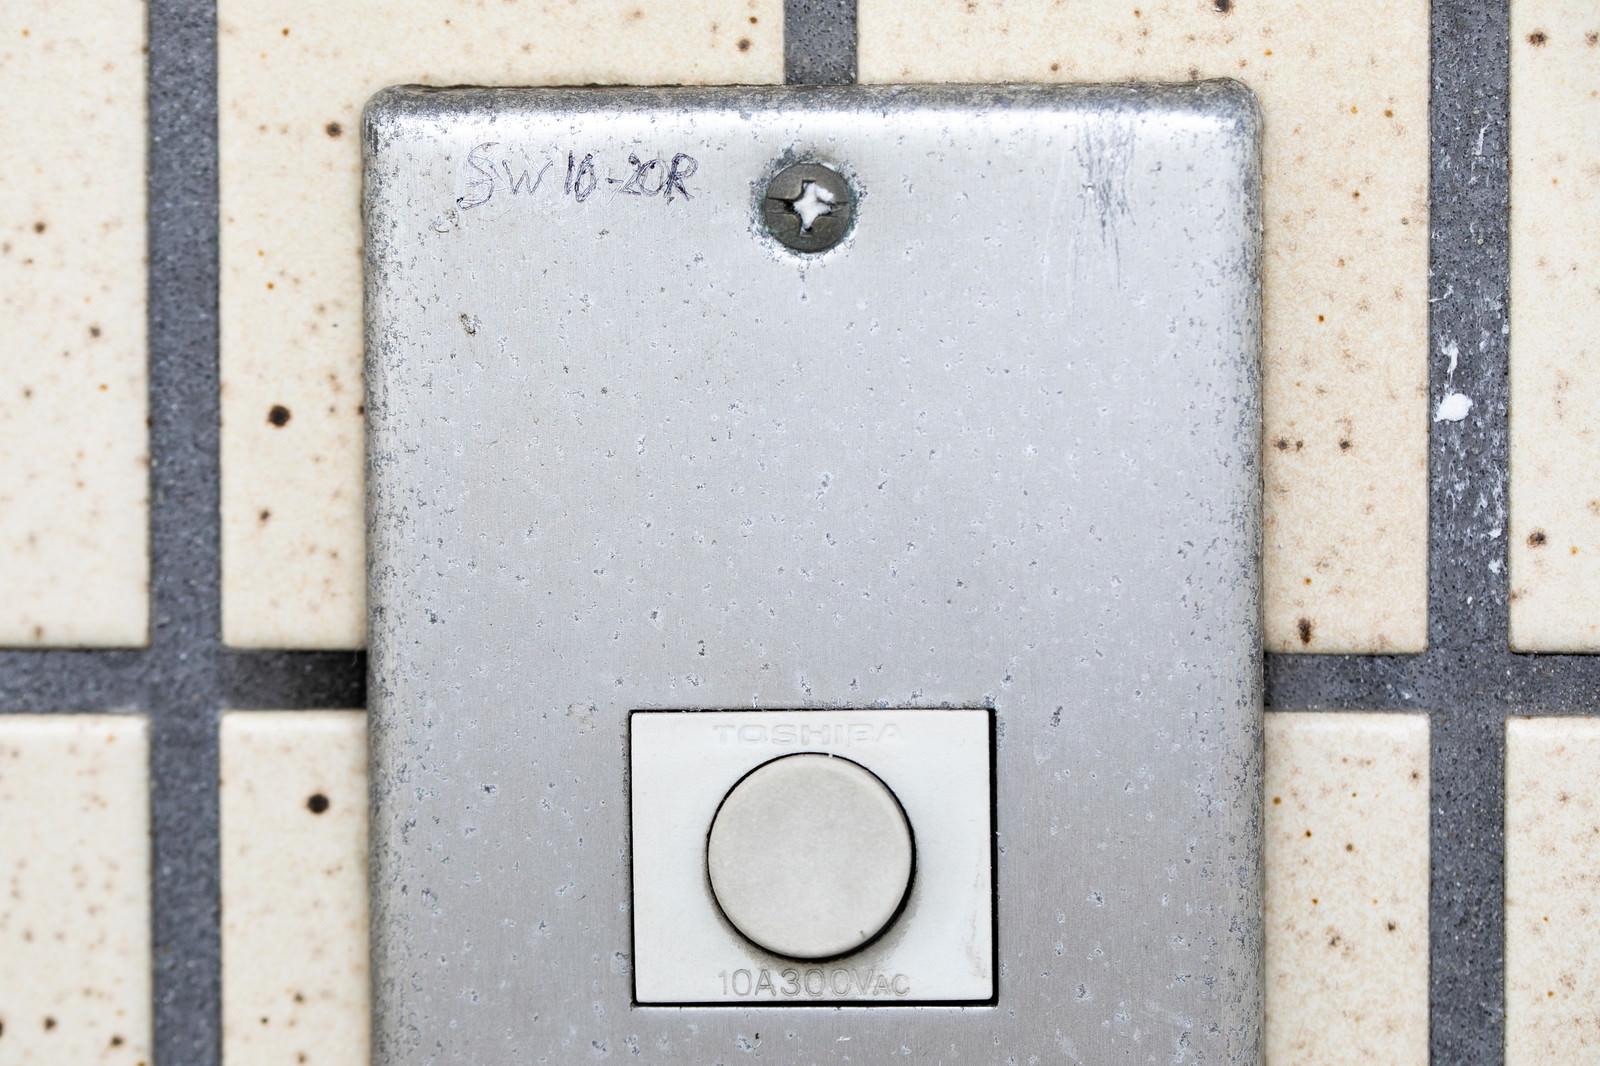 「玄関チャイムのマーキング(SW10-20R)ー「女性独り暮し10時~20時まで居留守」玄関チャイムのマーキング(SW10-20R)ー「女性独り暮し10時~20時まで居留守」」のフリー写真素材を拡大